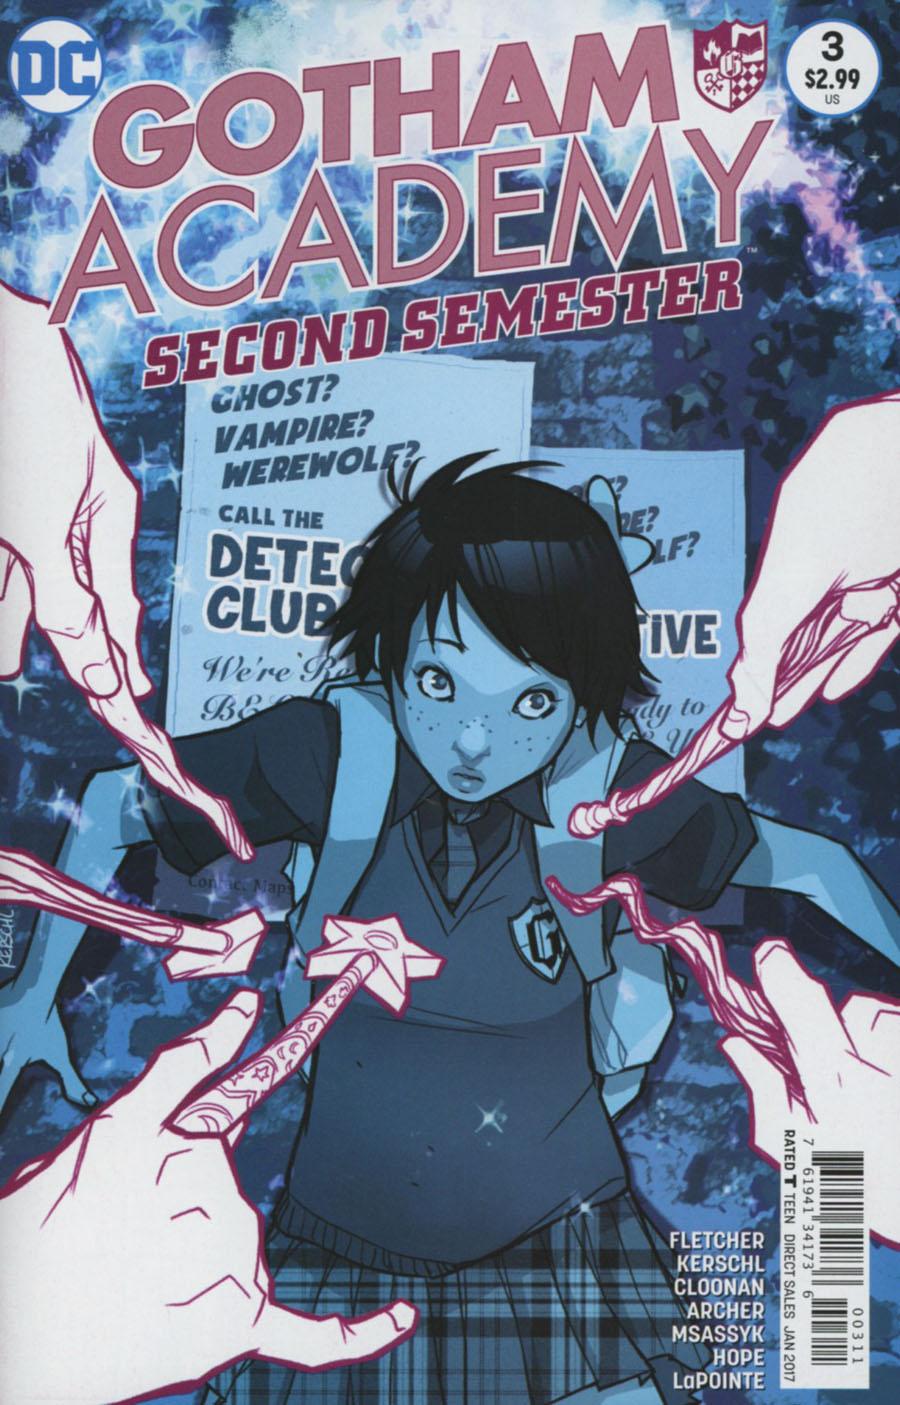 Gotham Academy Second Semester #3 Cover A Regular Karl Kerschl Cover